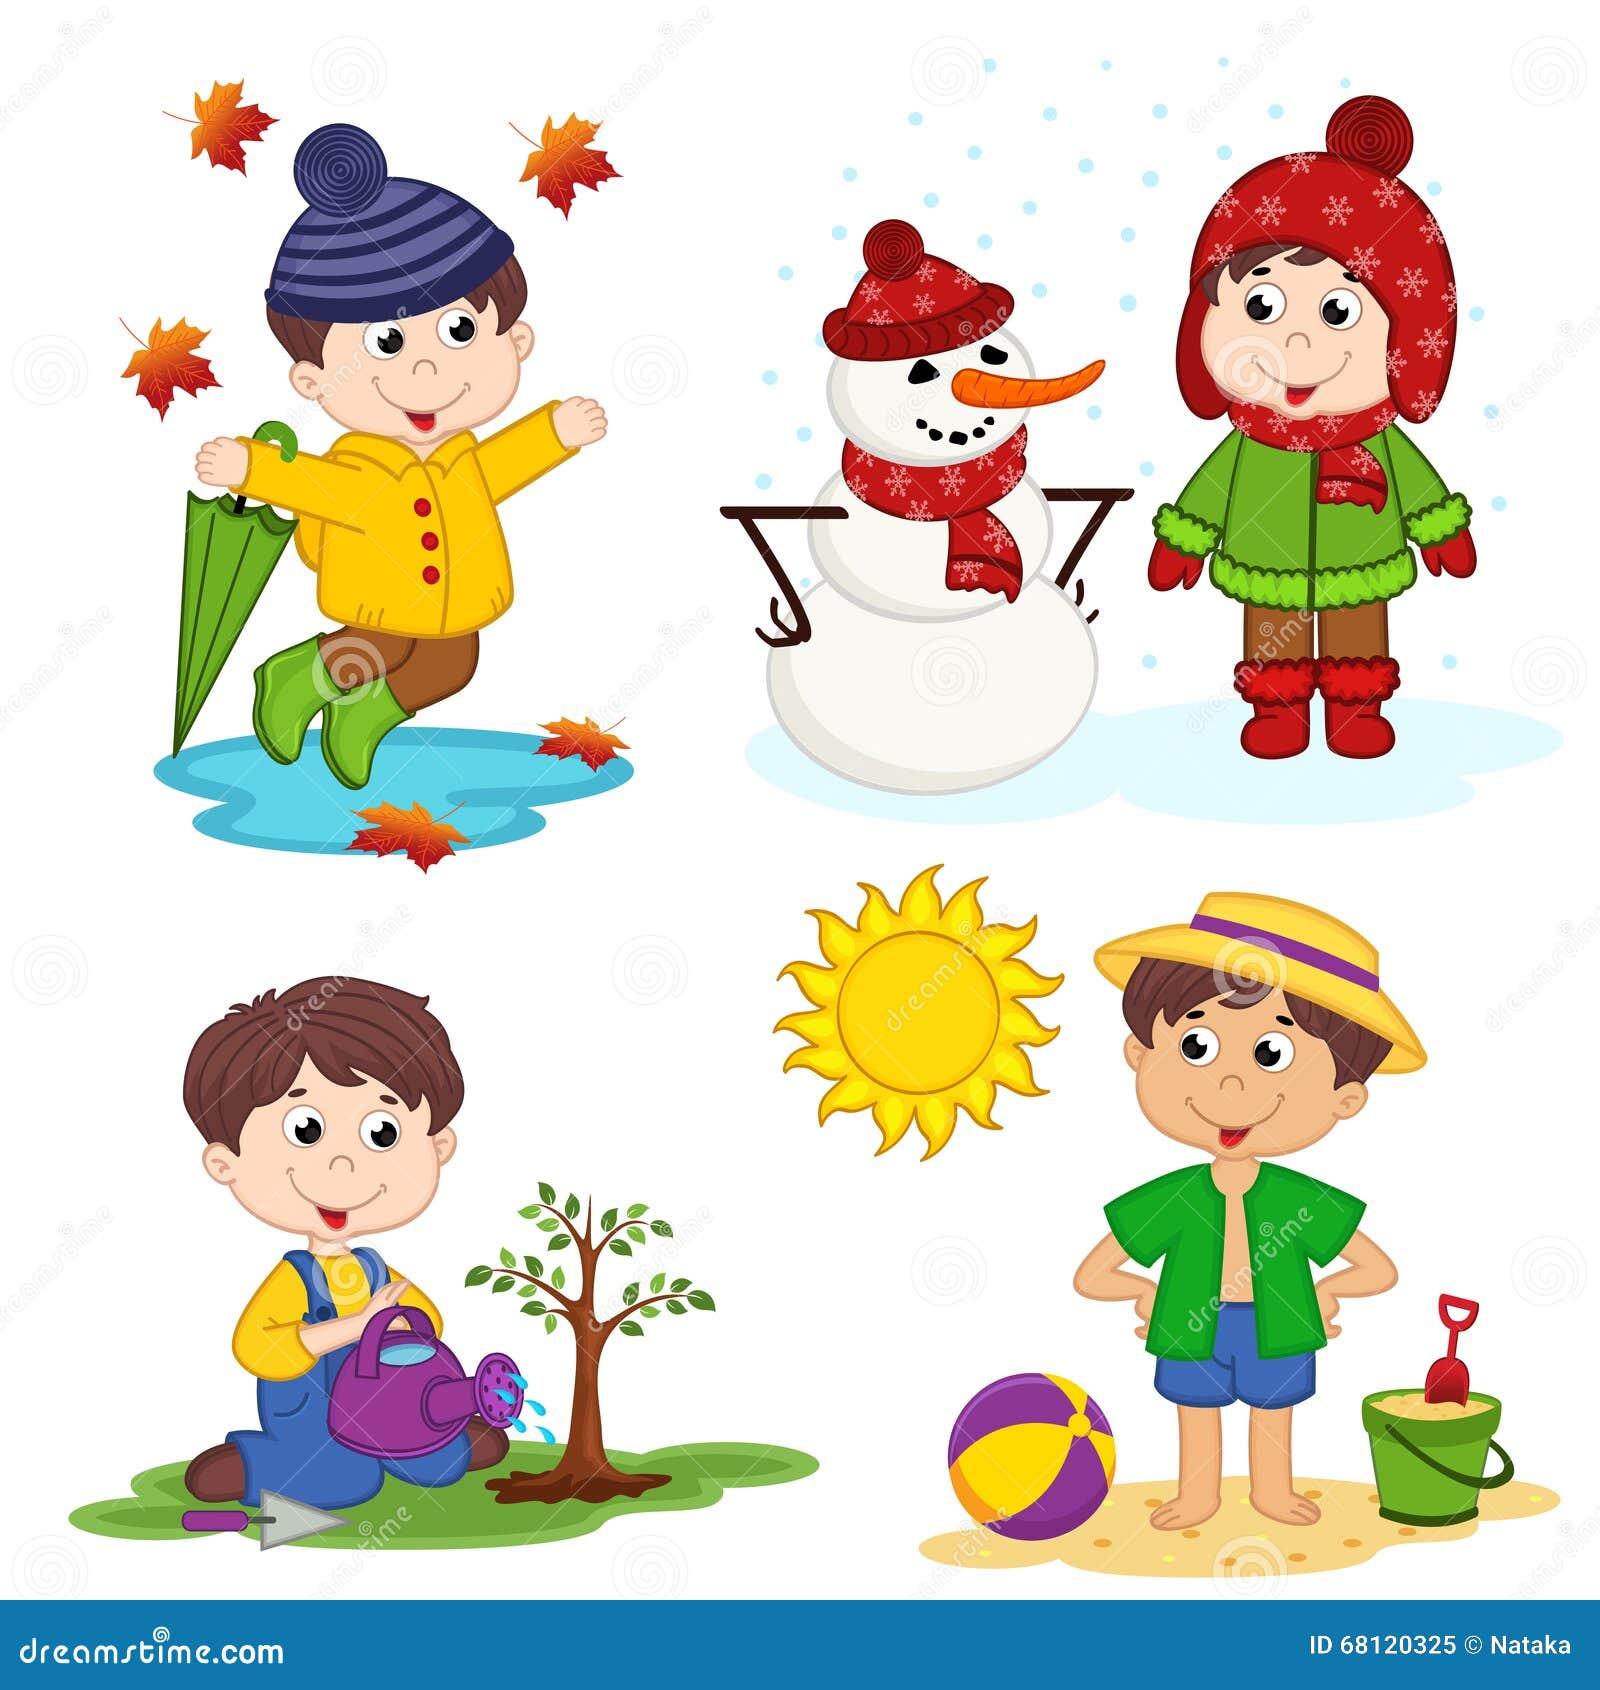 Kindergarten 4 Seasons Clipart